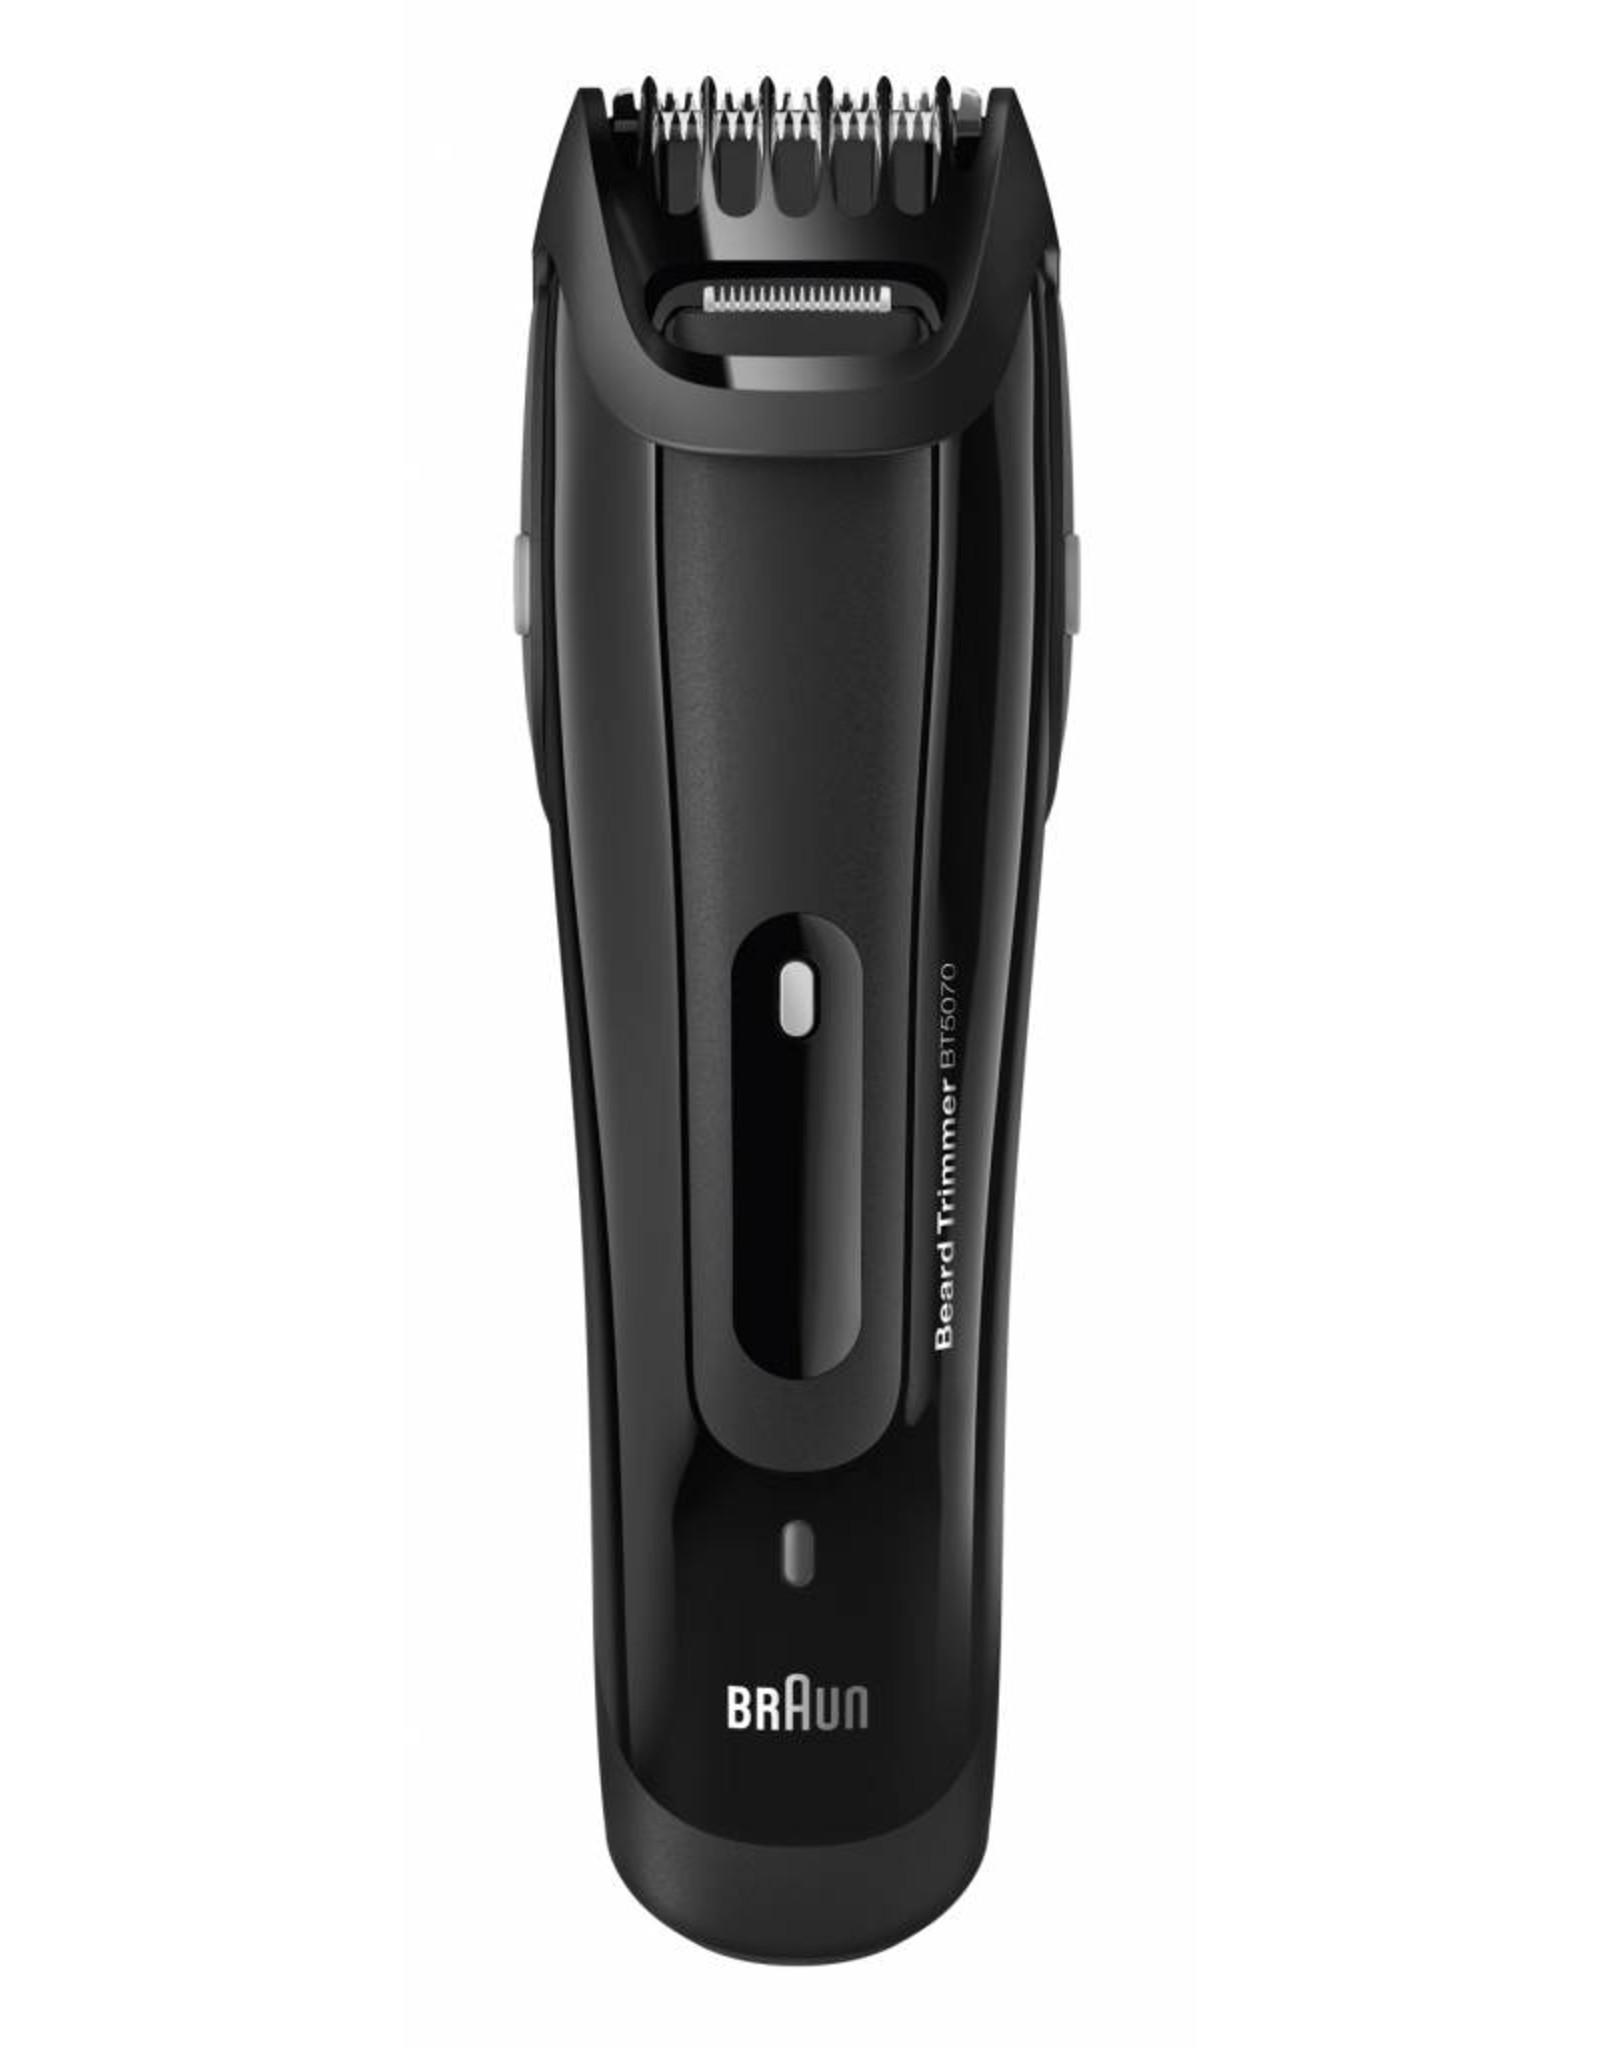 Braun Braun BT5070 Zwart baardtrimmer